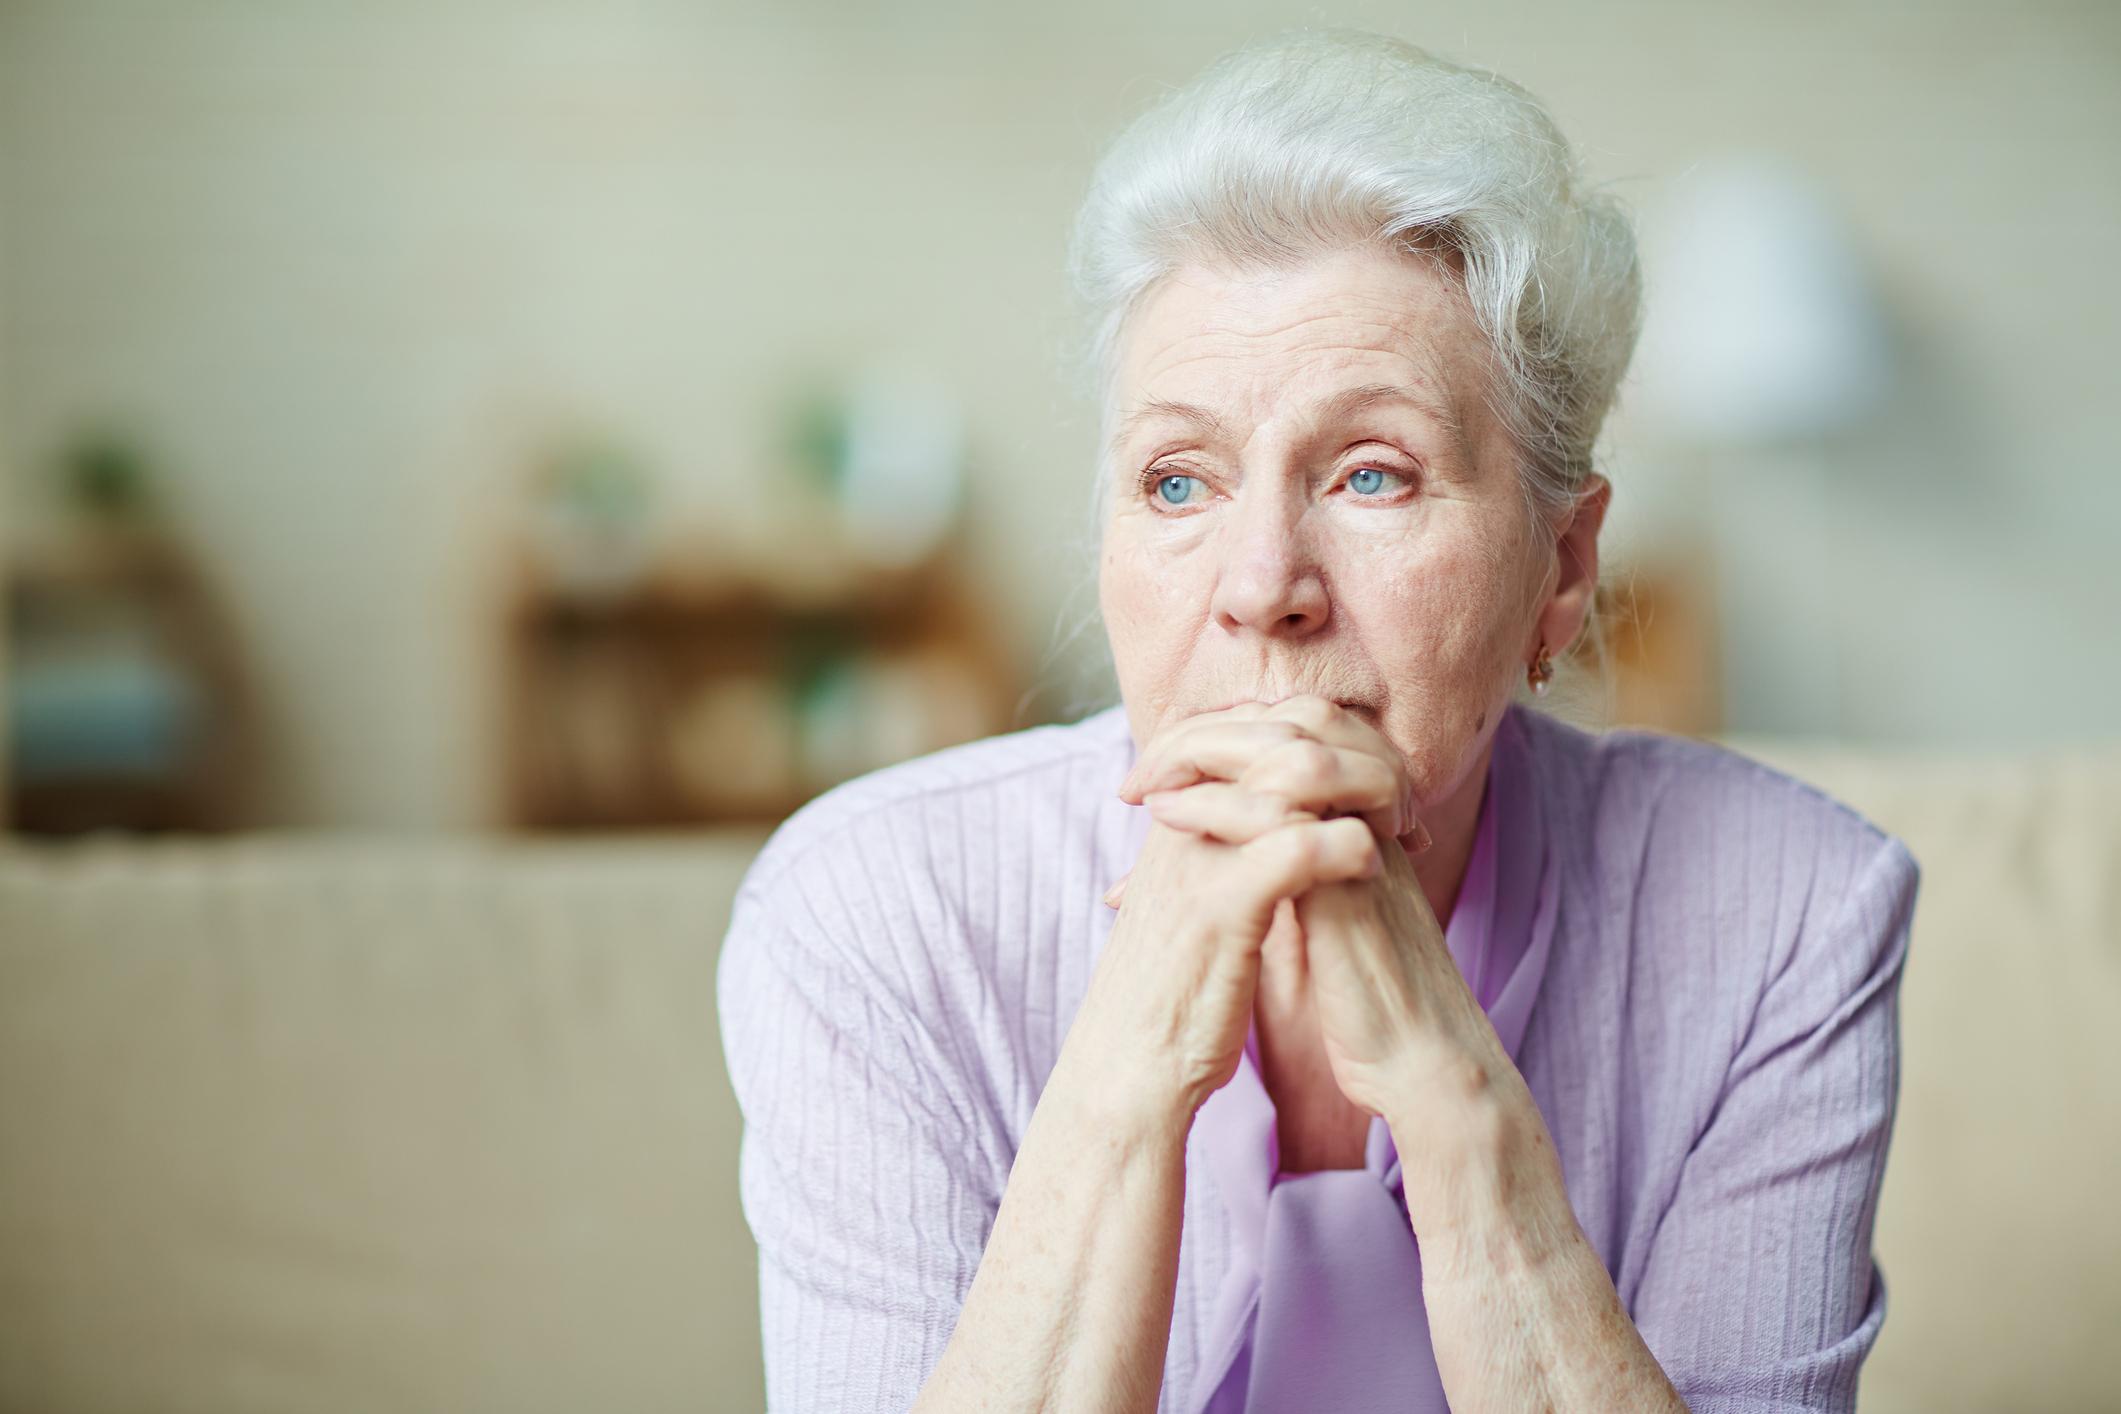 Worried looking older woman.